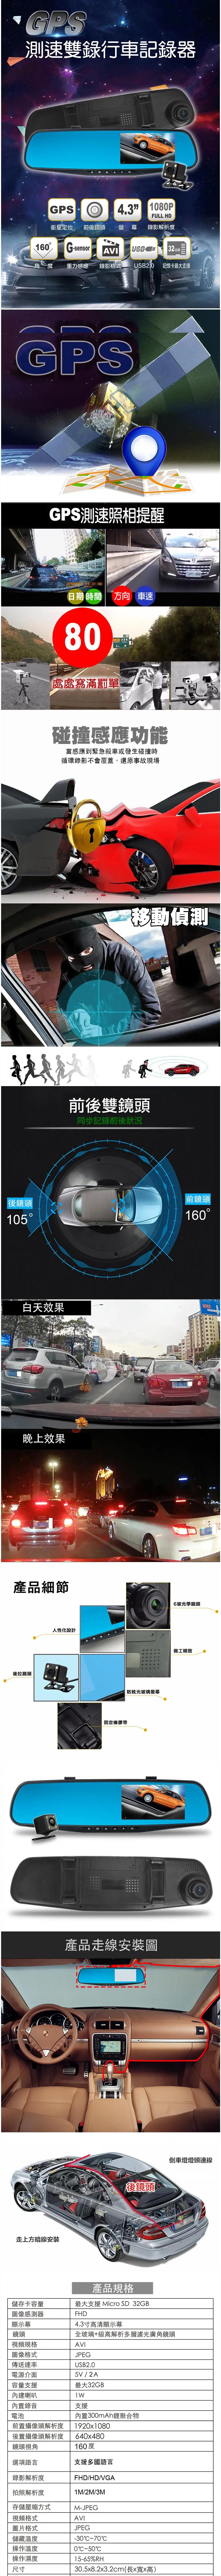 CORAL M2 -- GPS測速預警雙鏡頭行車記錄器_測速+行車記錄器_車用品 - 影像 安全 輔助_東方開發實業股份有限公司